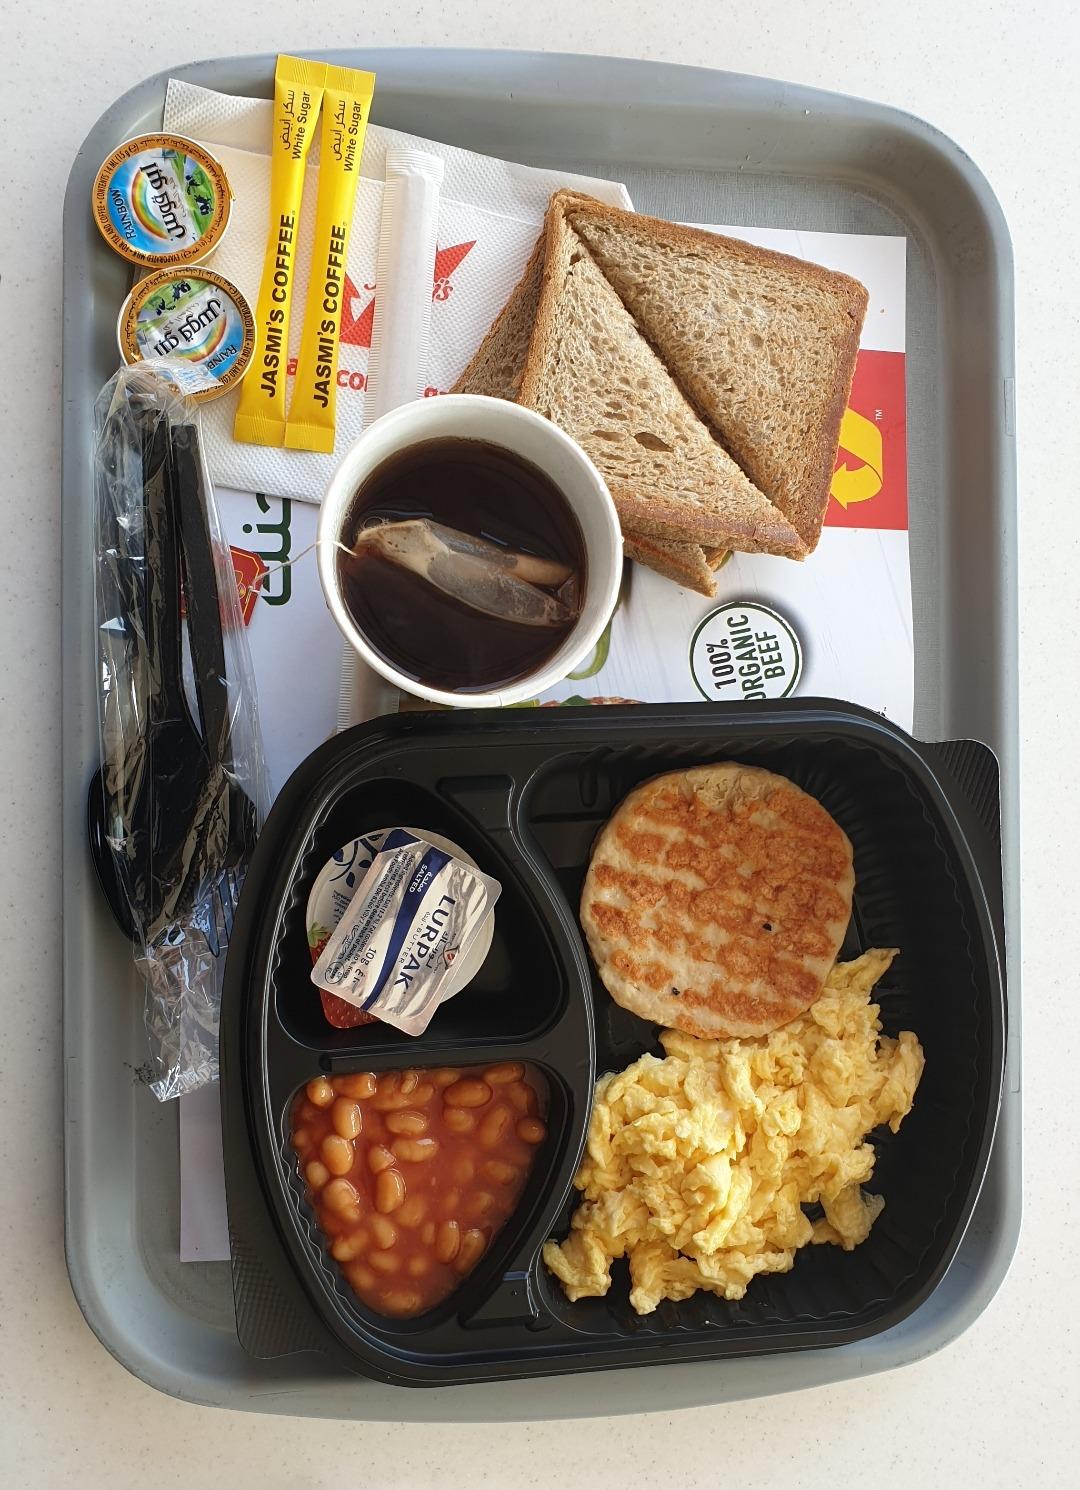 Jasmis Breakfast @ Jasmis - Bahrain